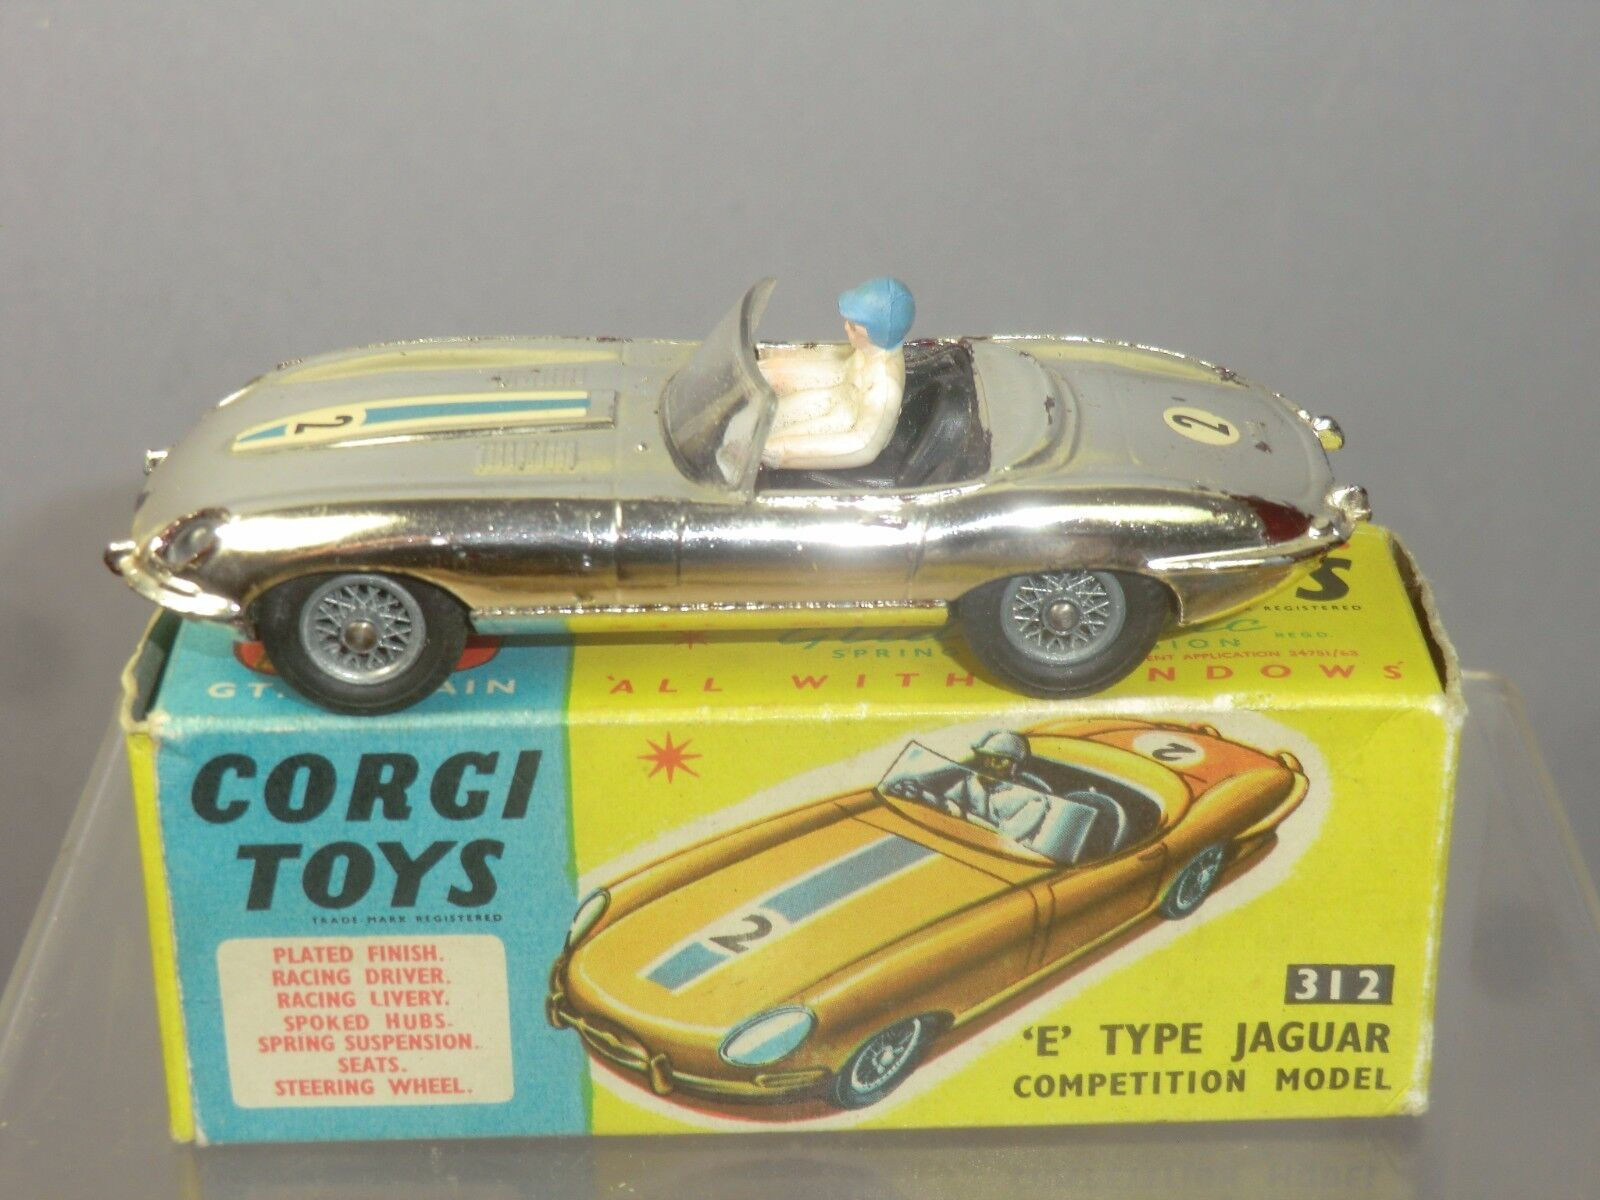 Vintage Corgi Toys Modelo No.312 'e' Type Jaguar VN MIB